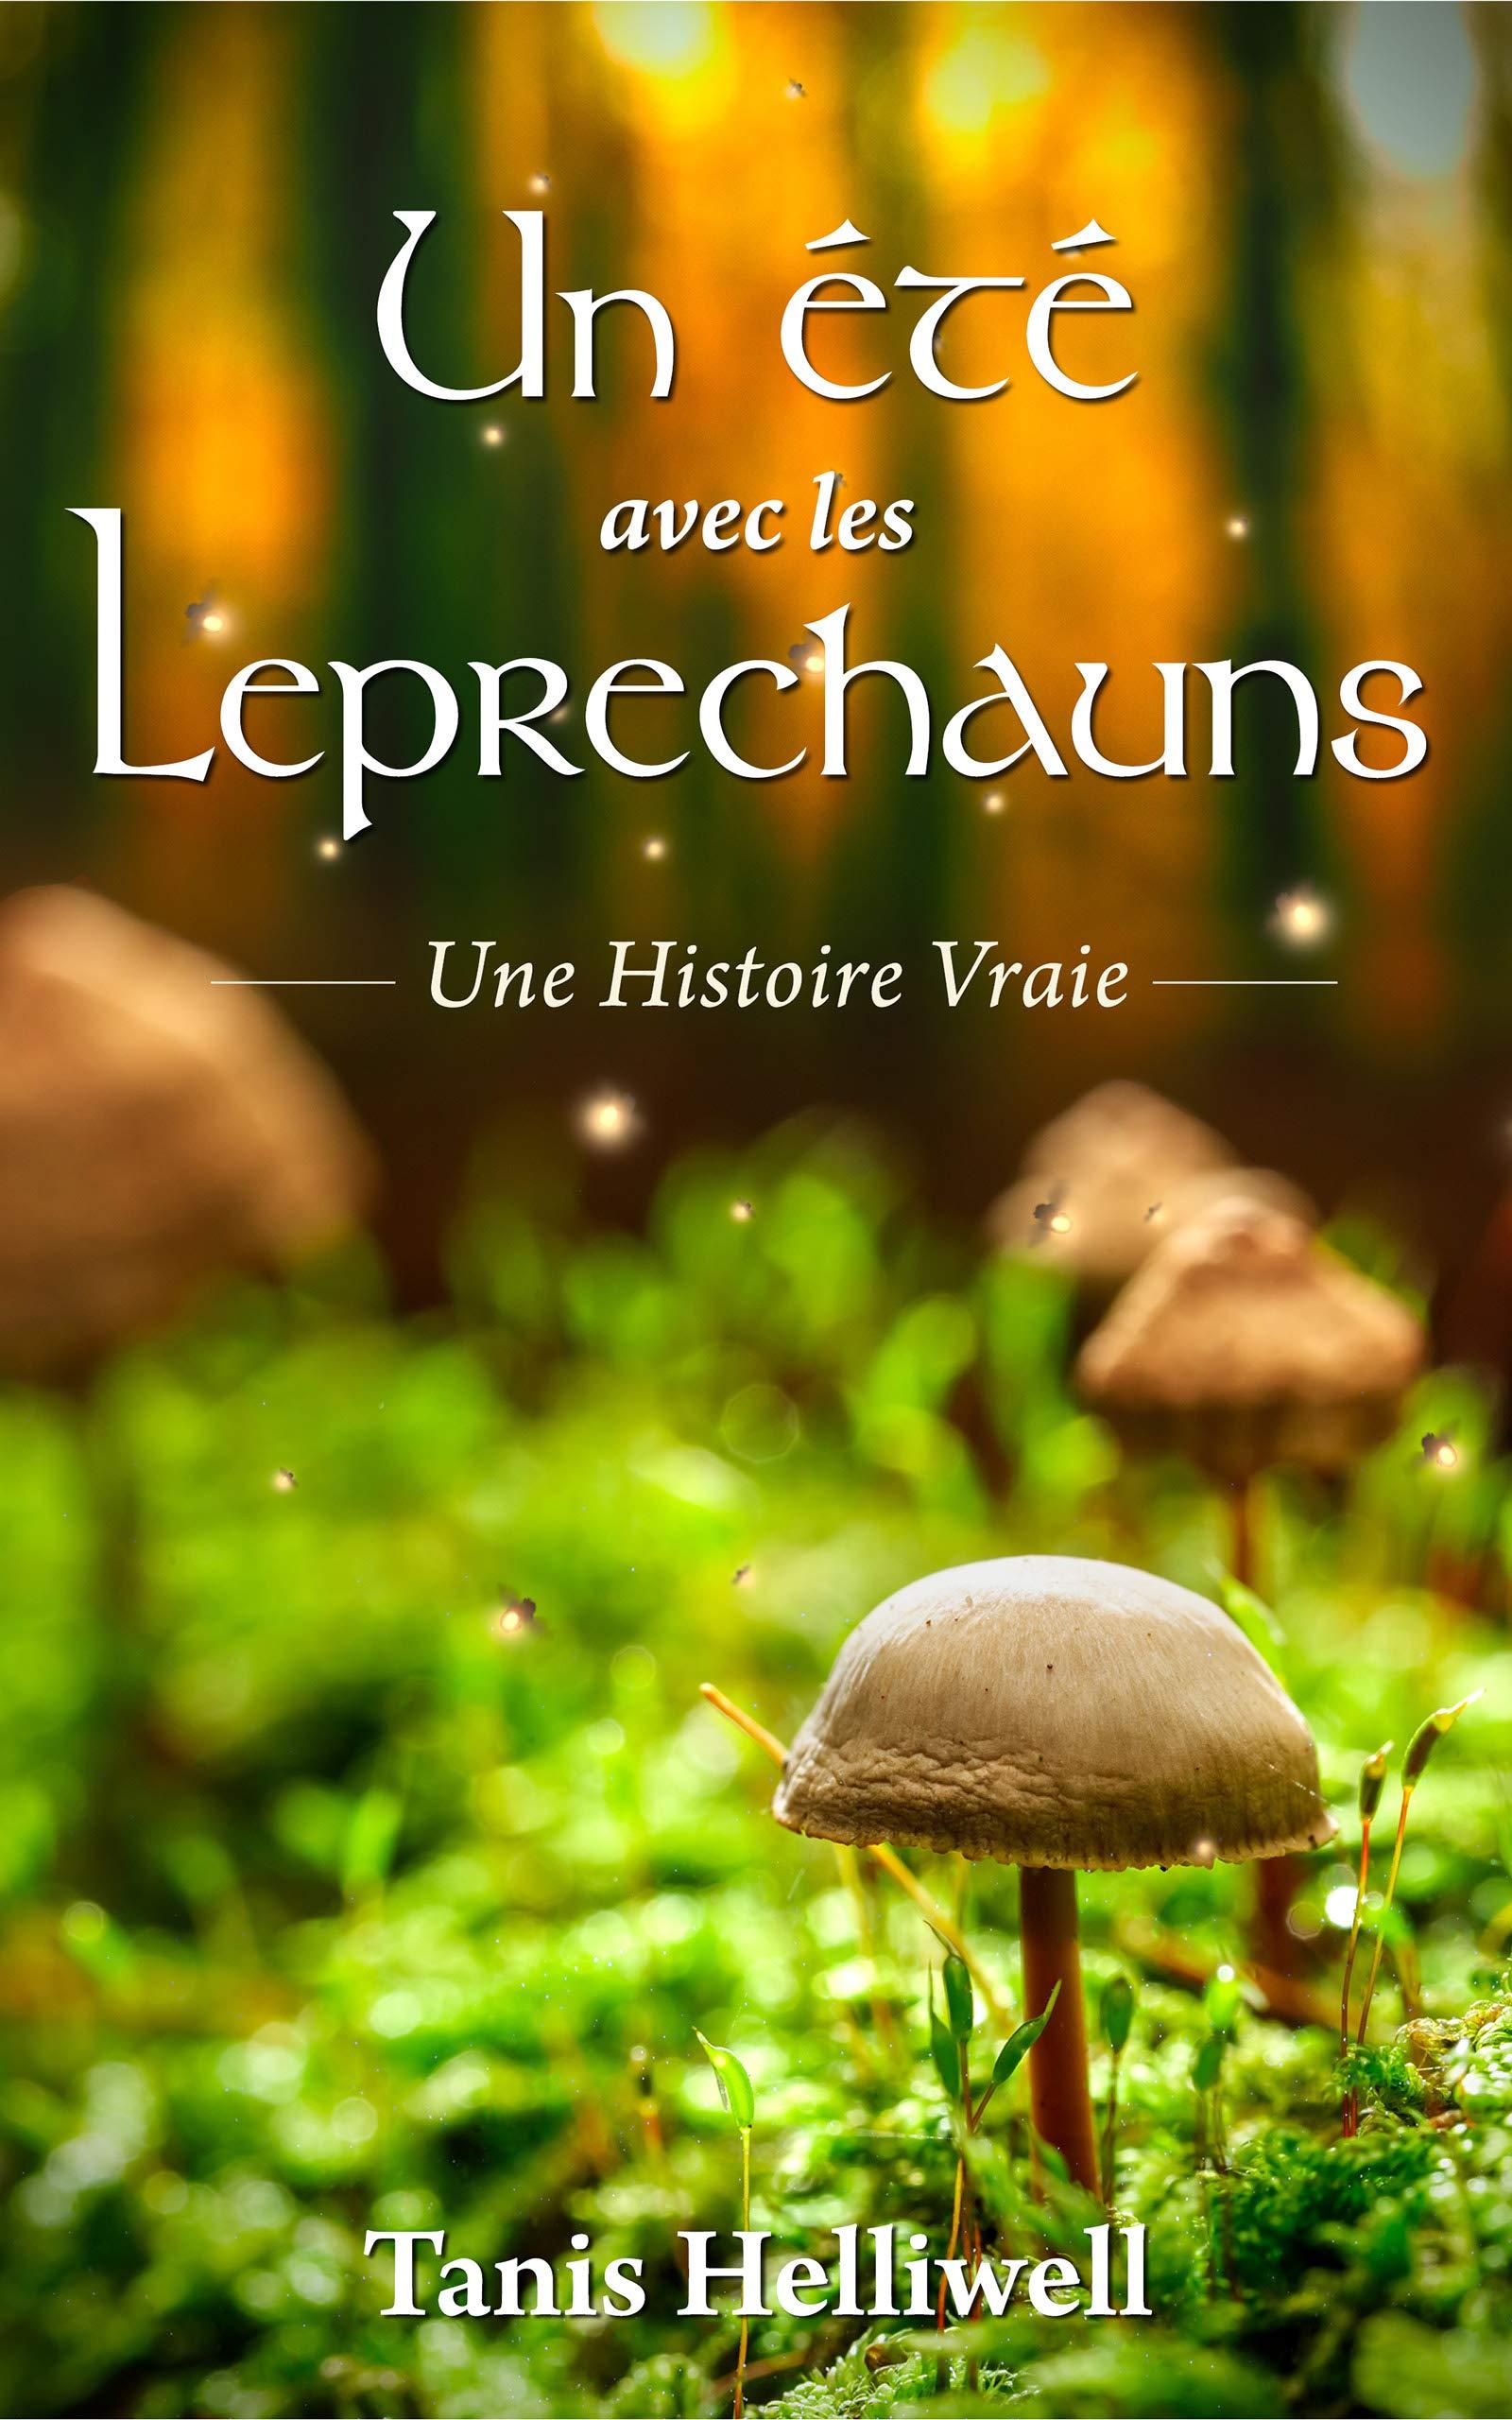 Un été avec les Leprechauns: Une Histoire Vraie par Tanis Helliwell